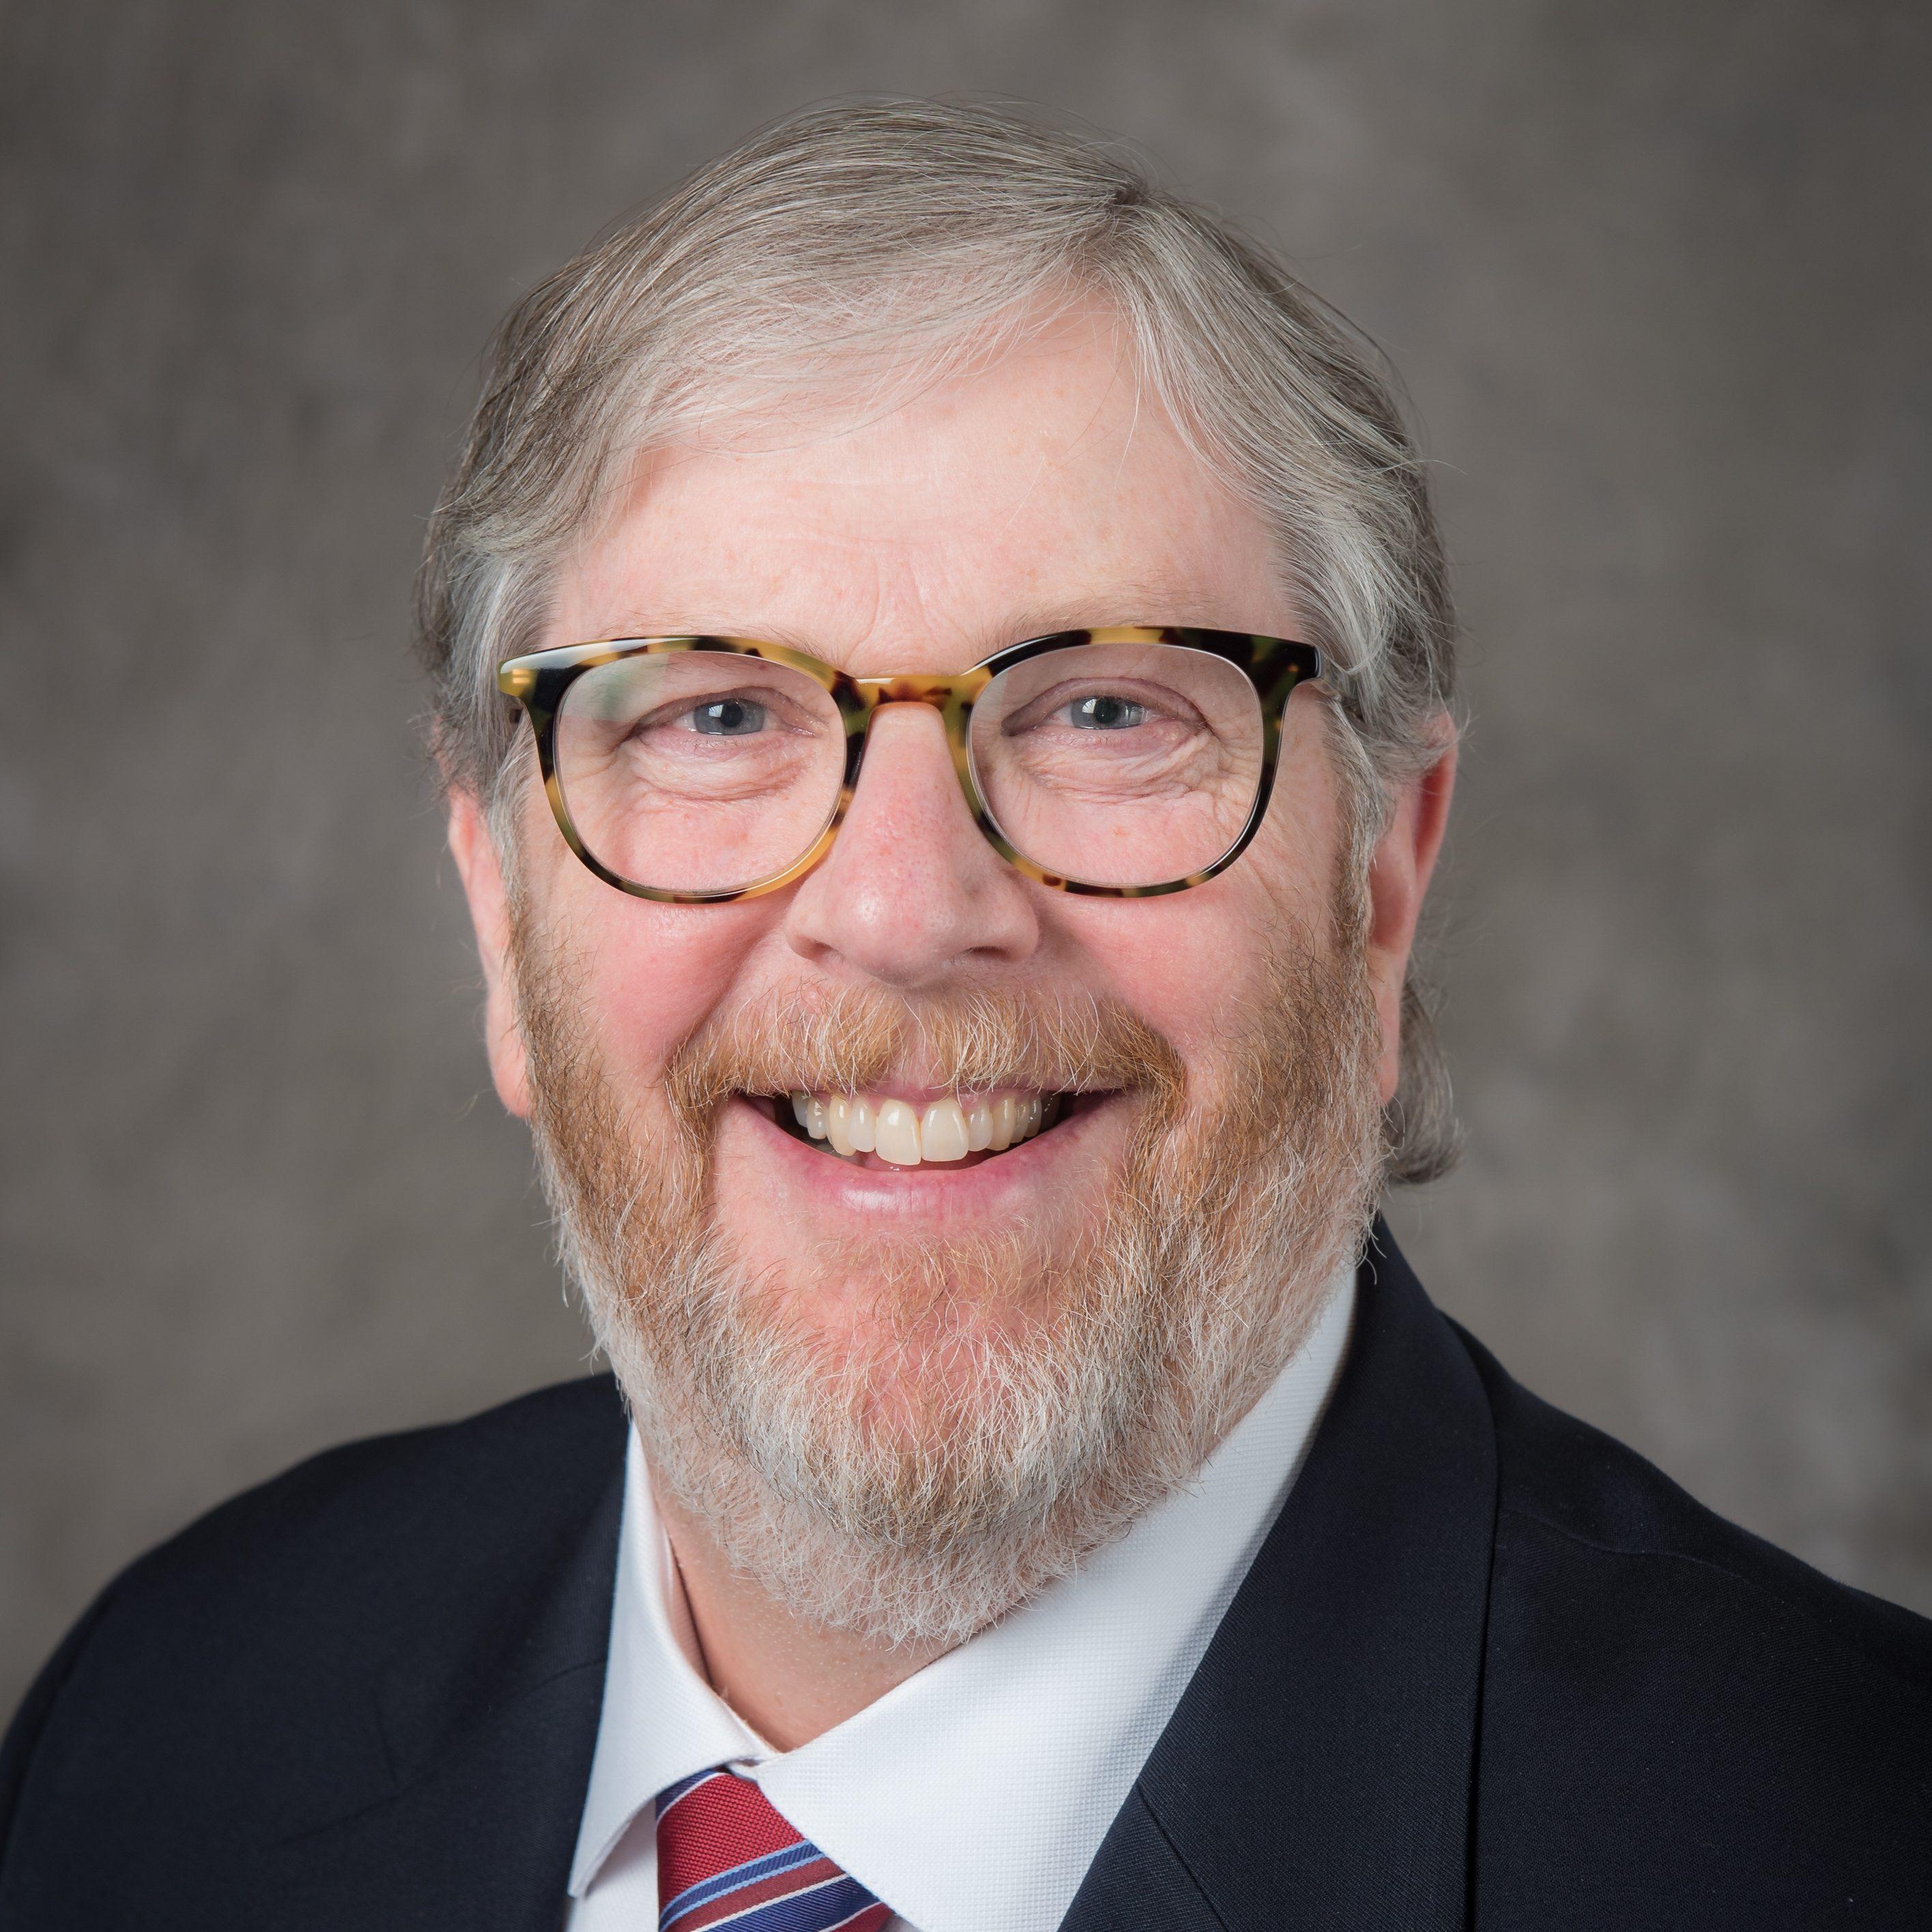 Jeff Deneen